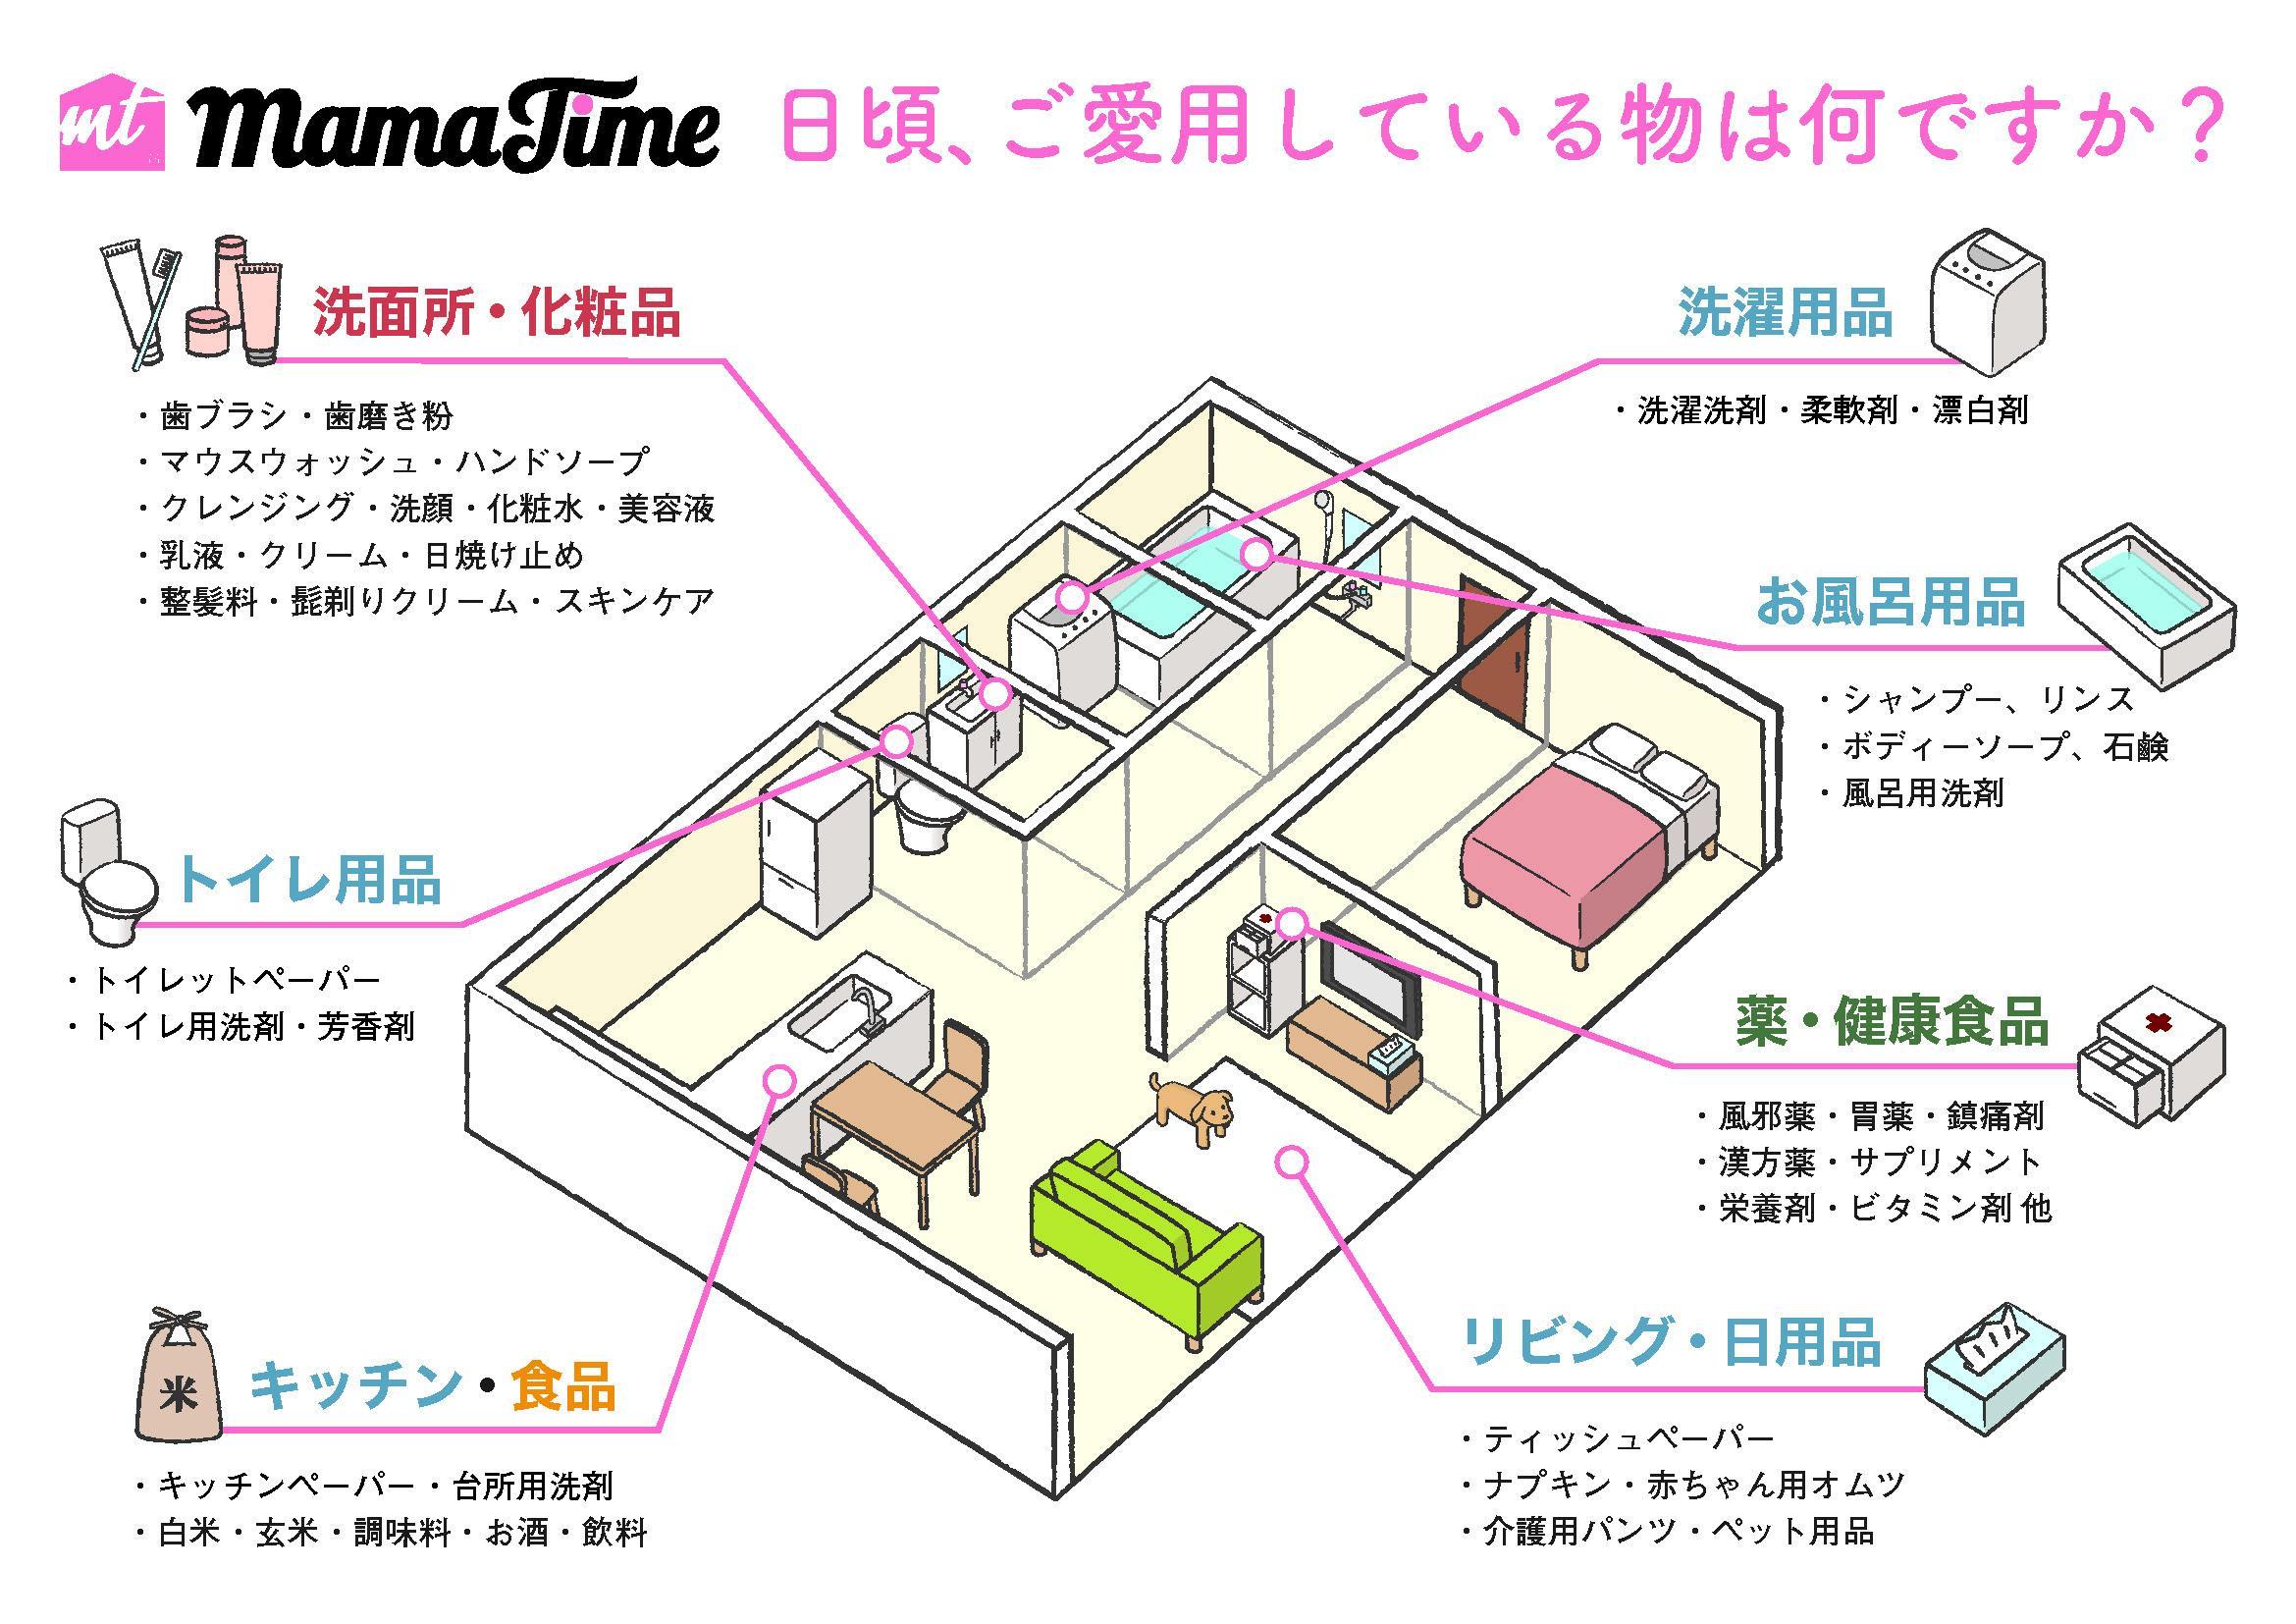 https://www.toyamamegumi.co.jp/information/b102516d4345167096e0fb00856a3ec895387504.jpg